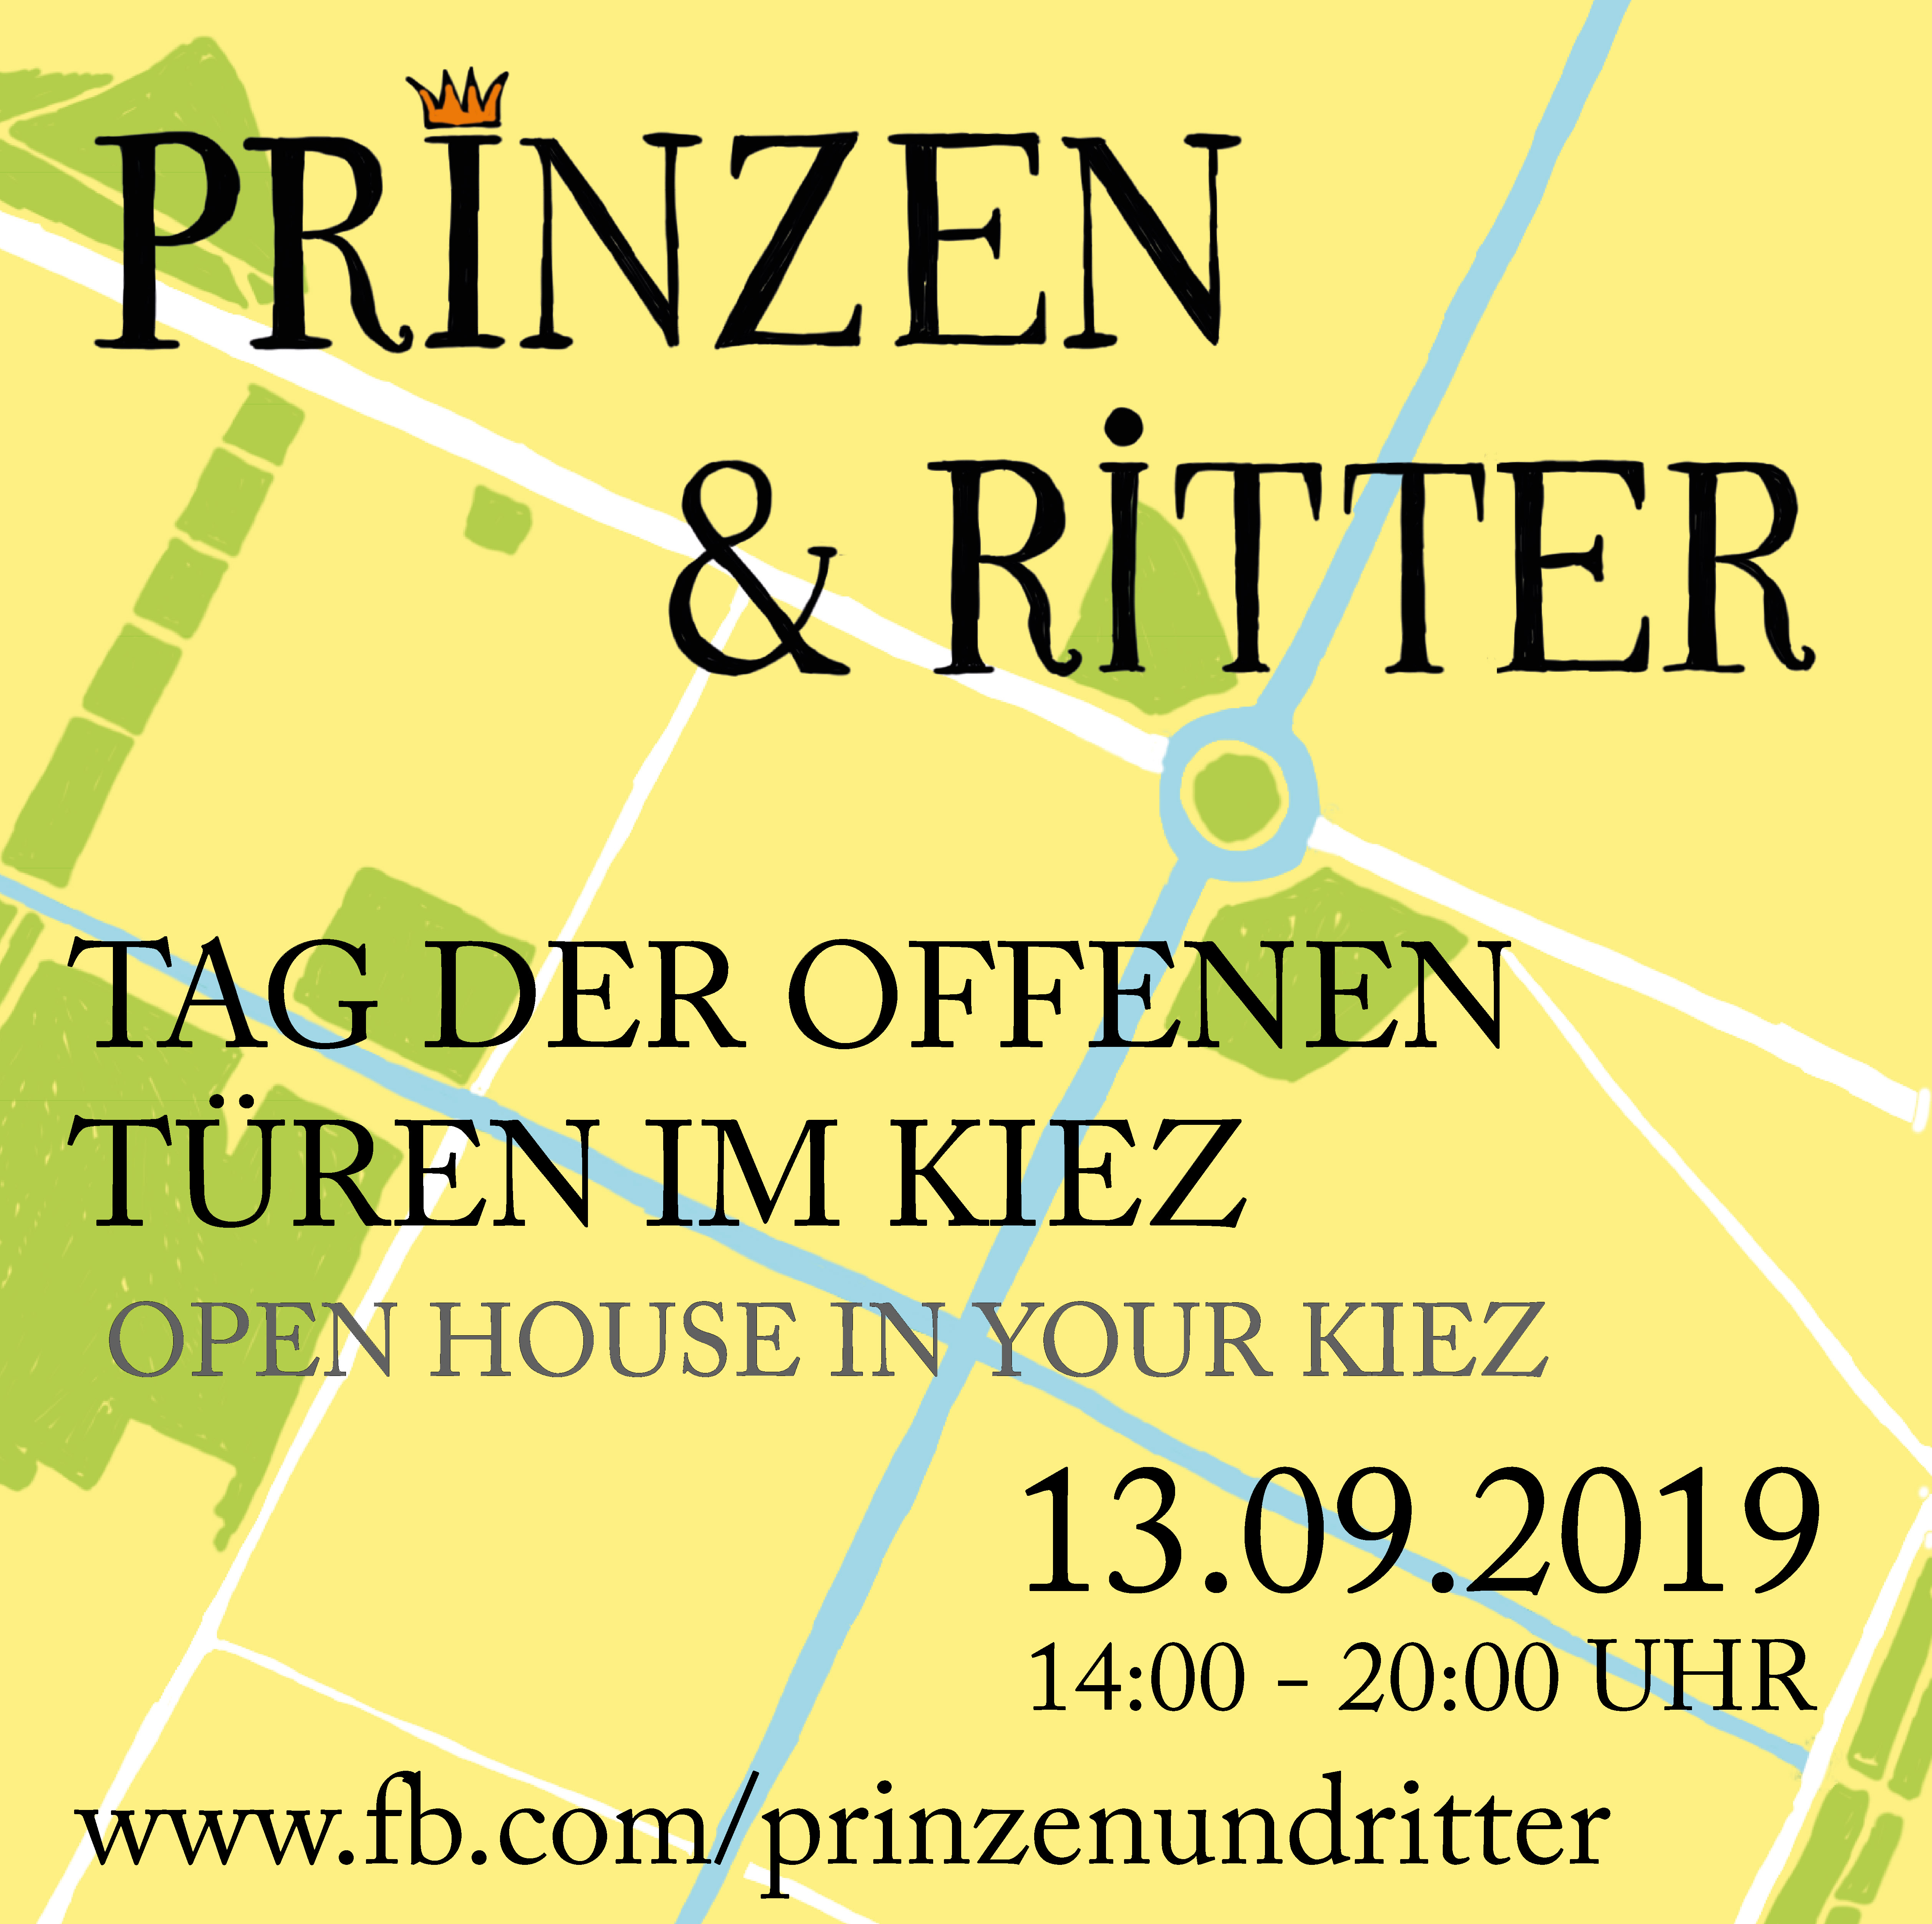 Plakat: Prinzen und Ritter Tag der offenen Türen im Kiez